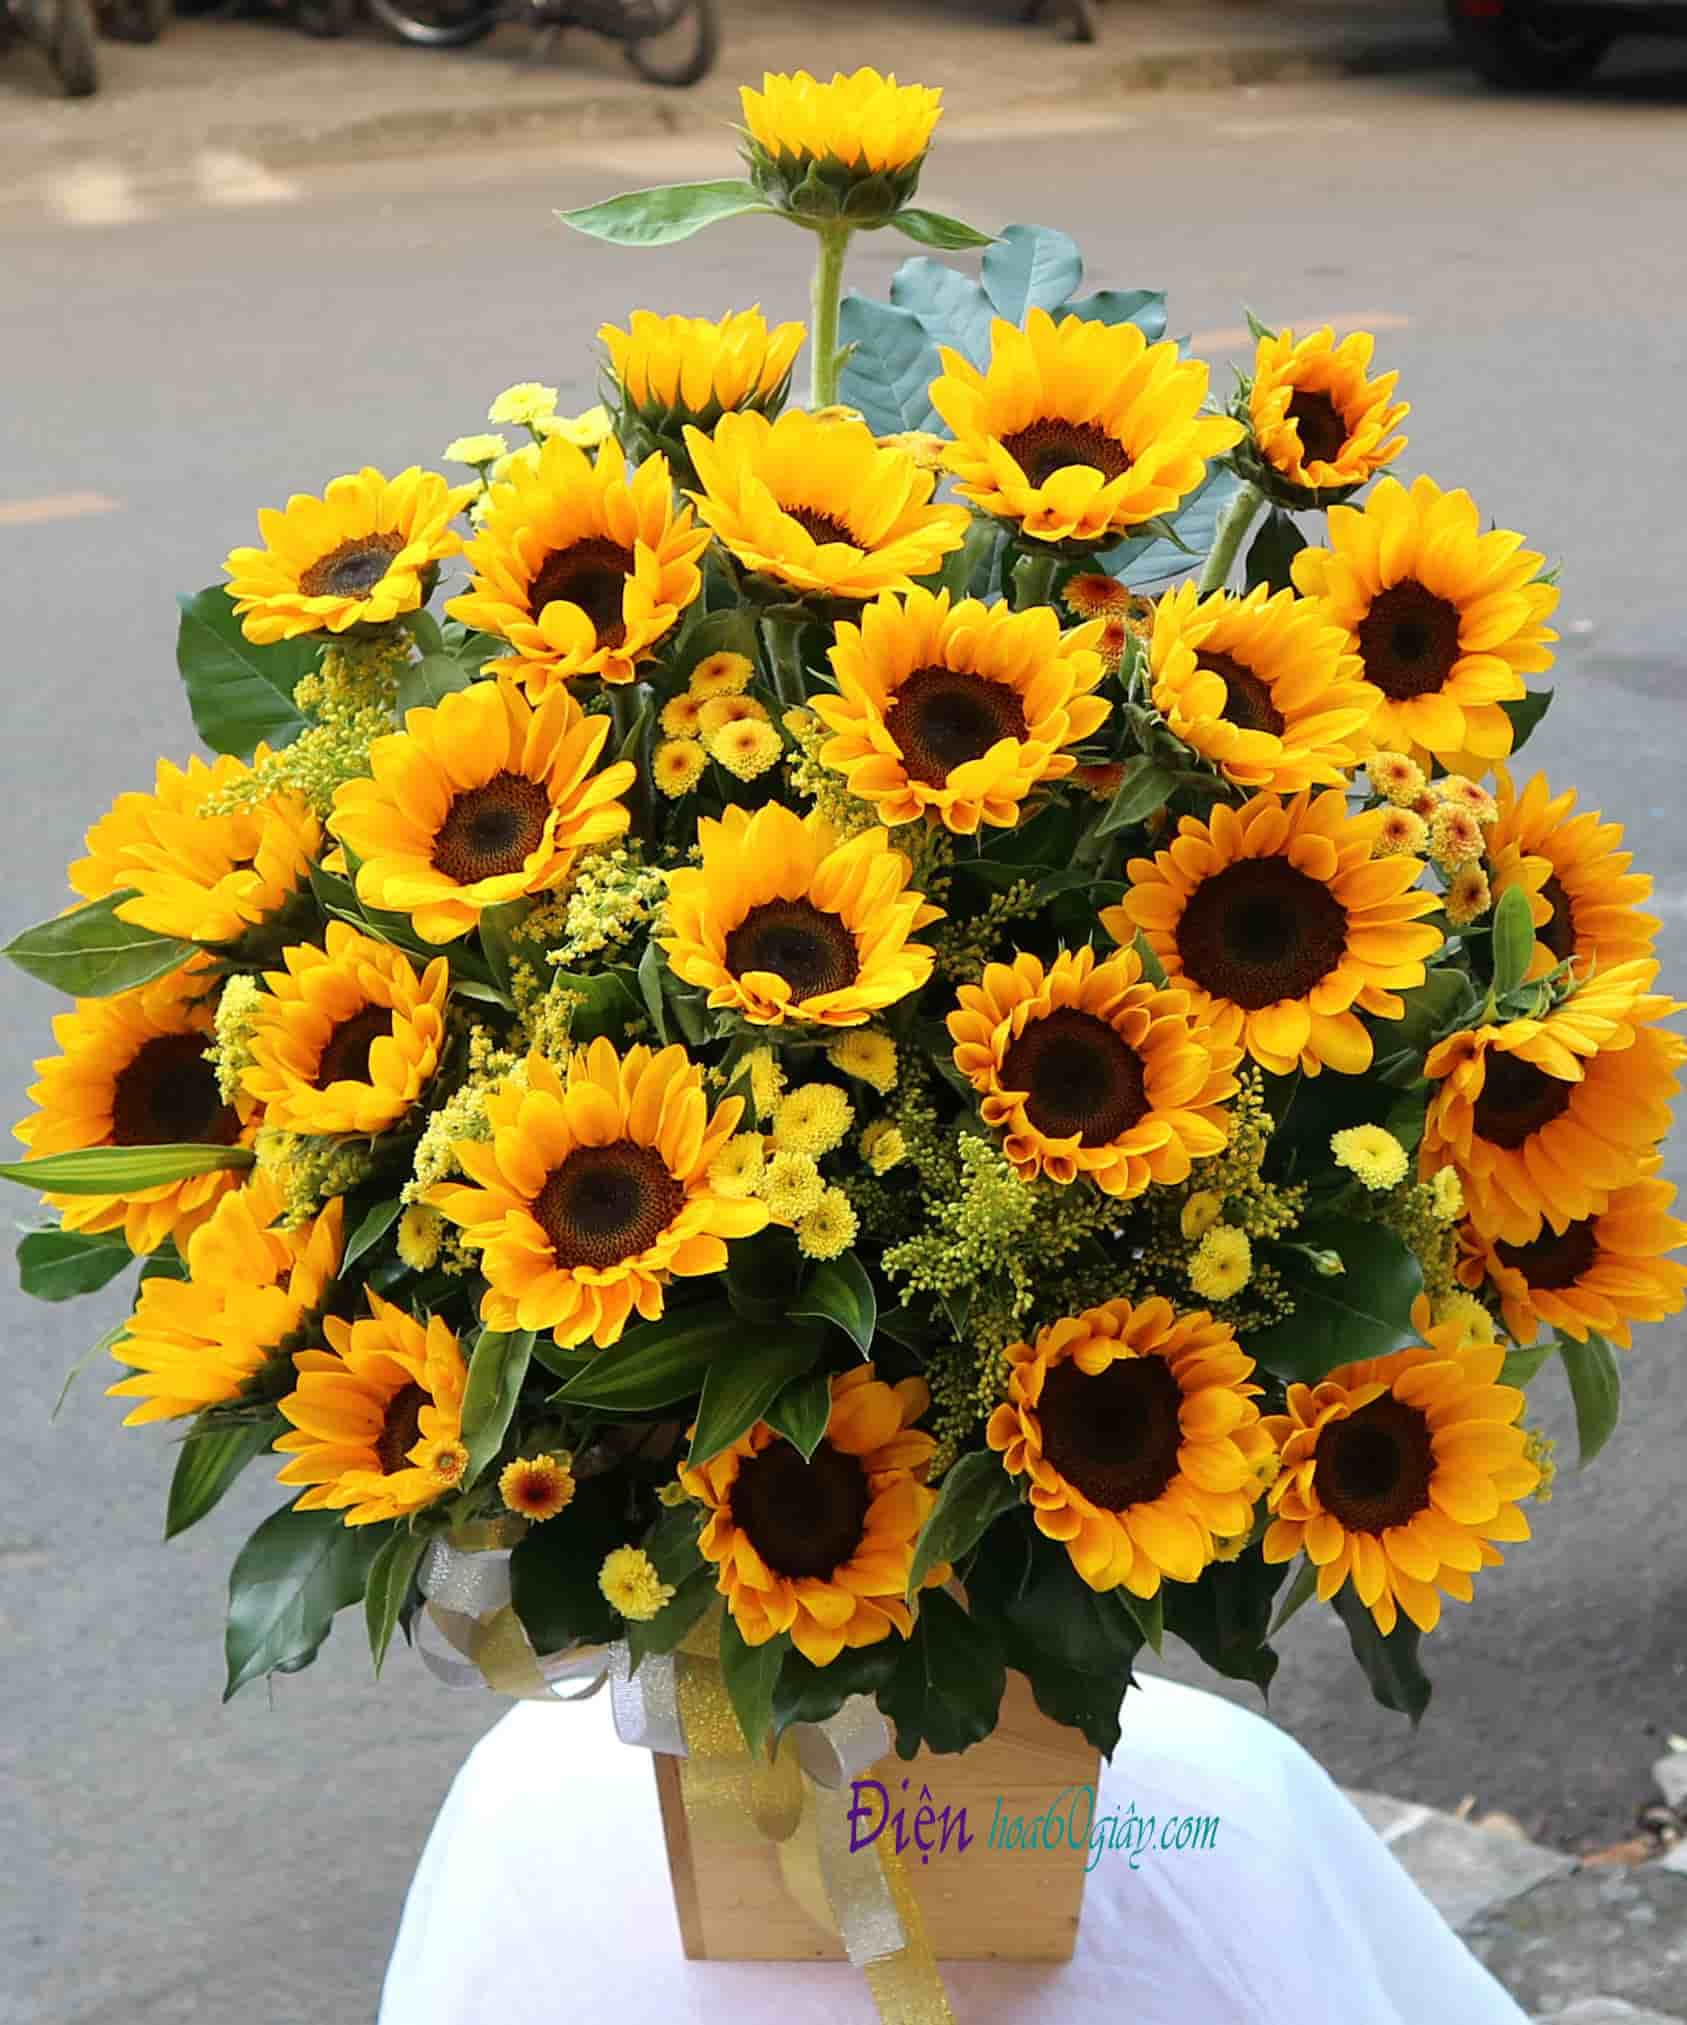 Hộp hoa hướng dương HHT02